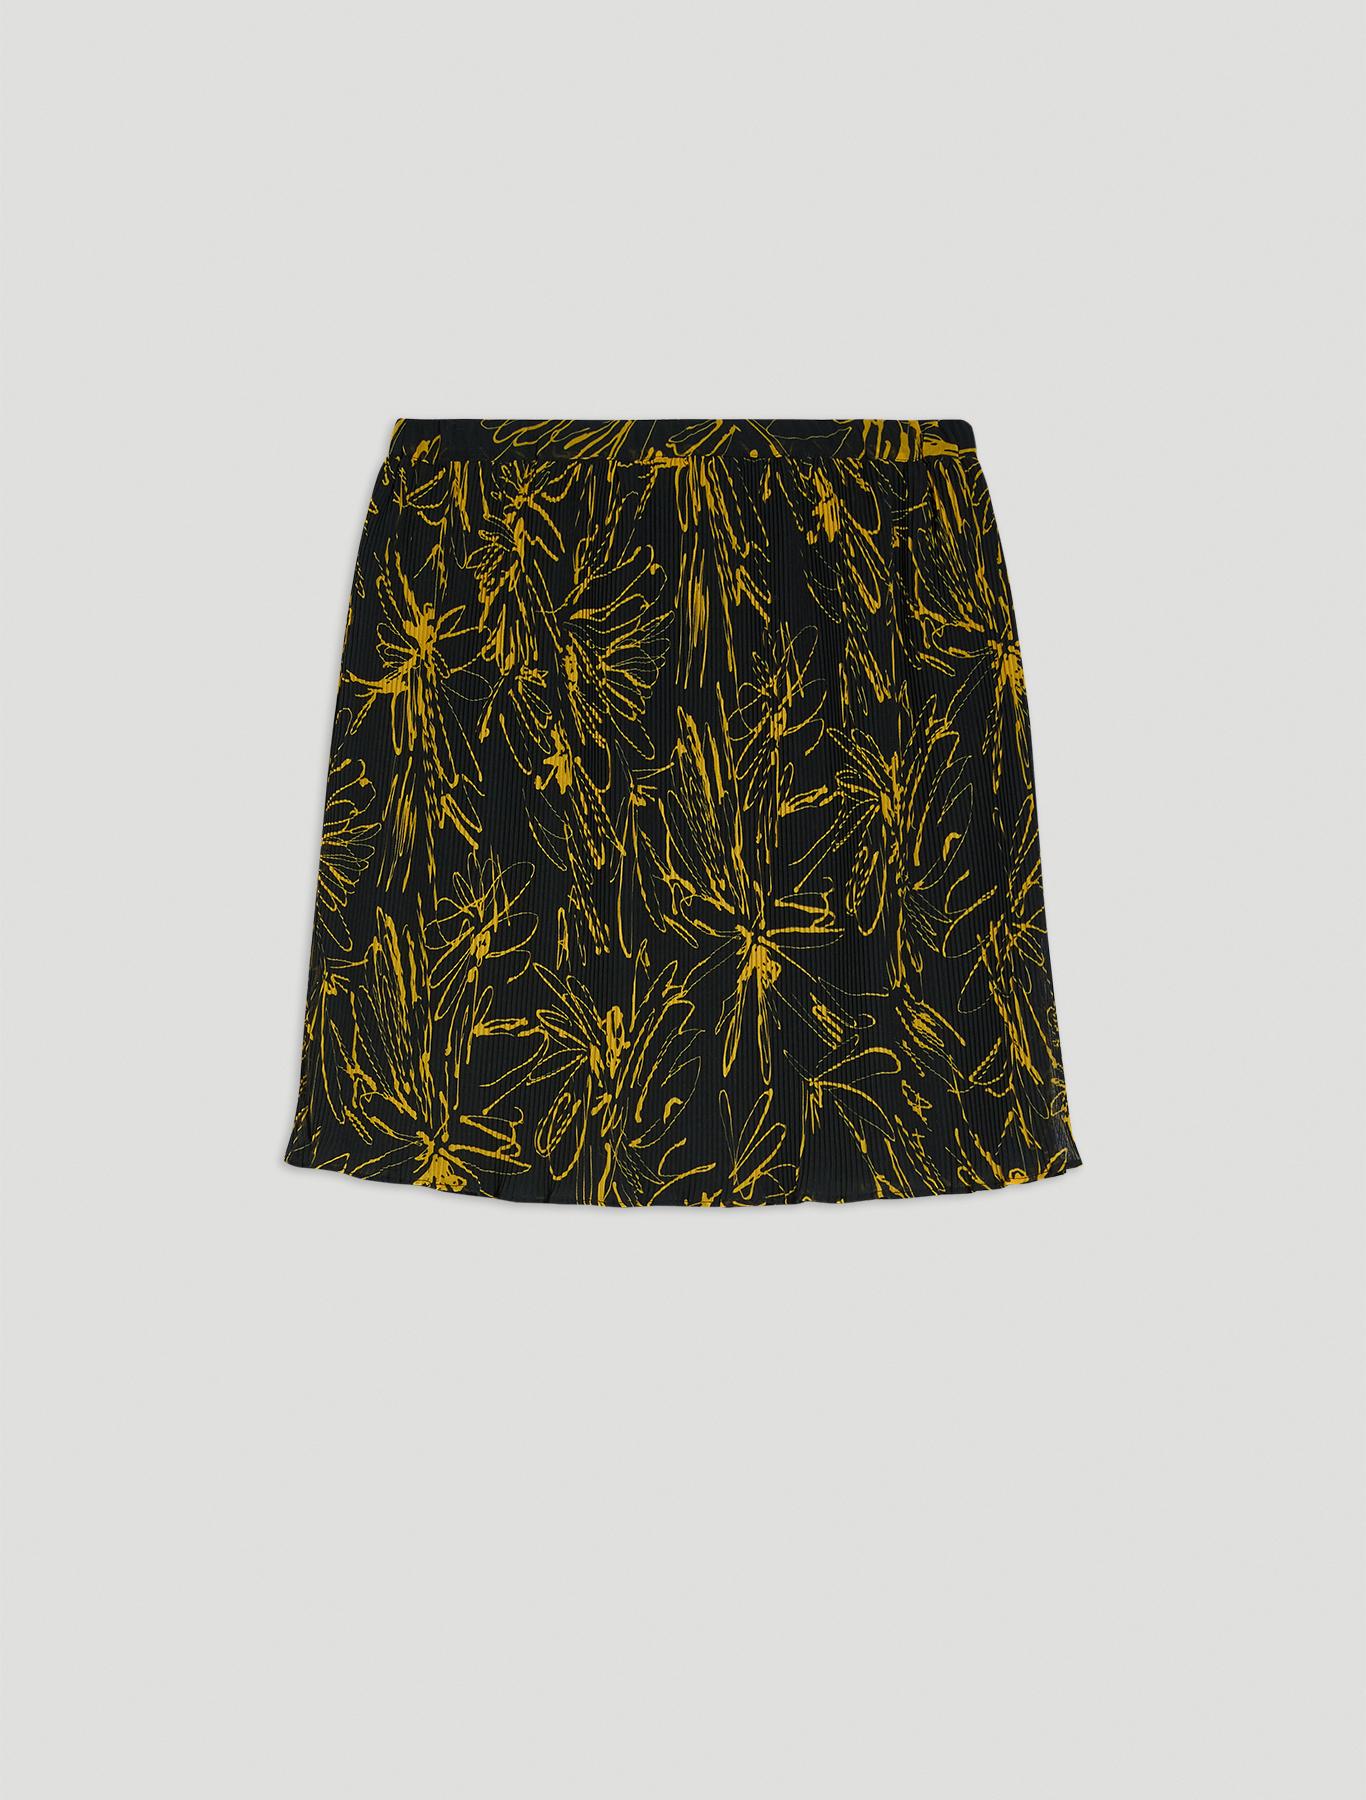 Micro-pleated midi skirt - black pattern - pennyblack